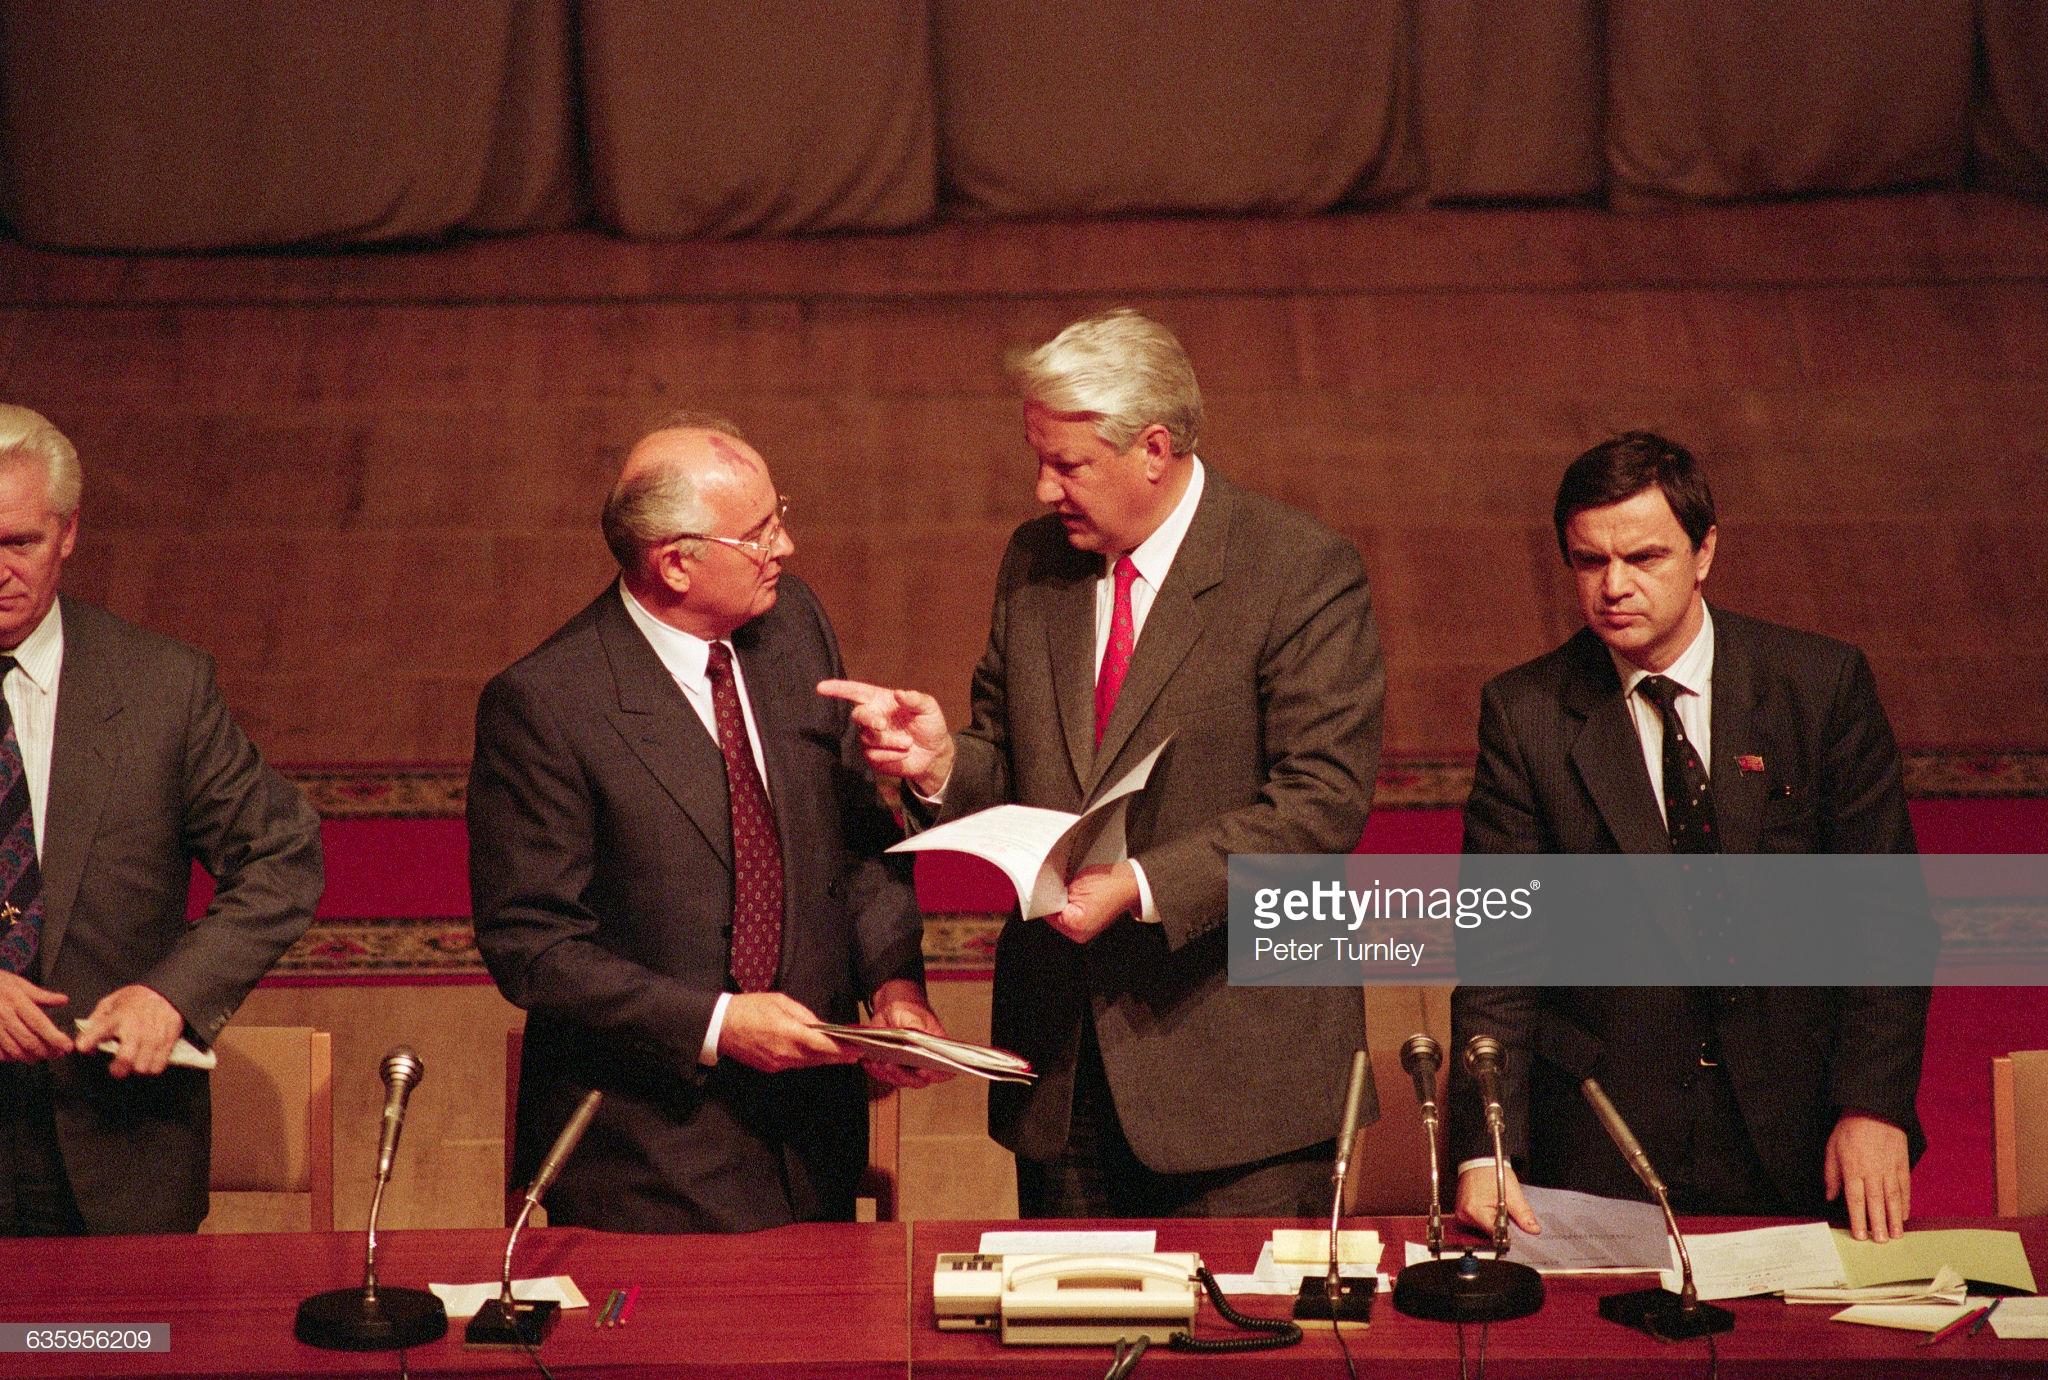 Михаил Горбачев и Борис Ельцин беседуют друг с другом во время встречи после неудачного государственного переворота